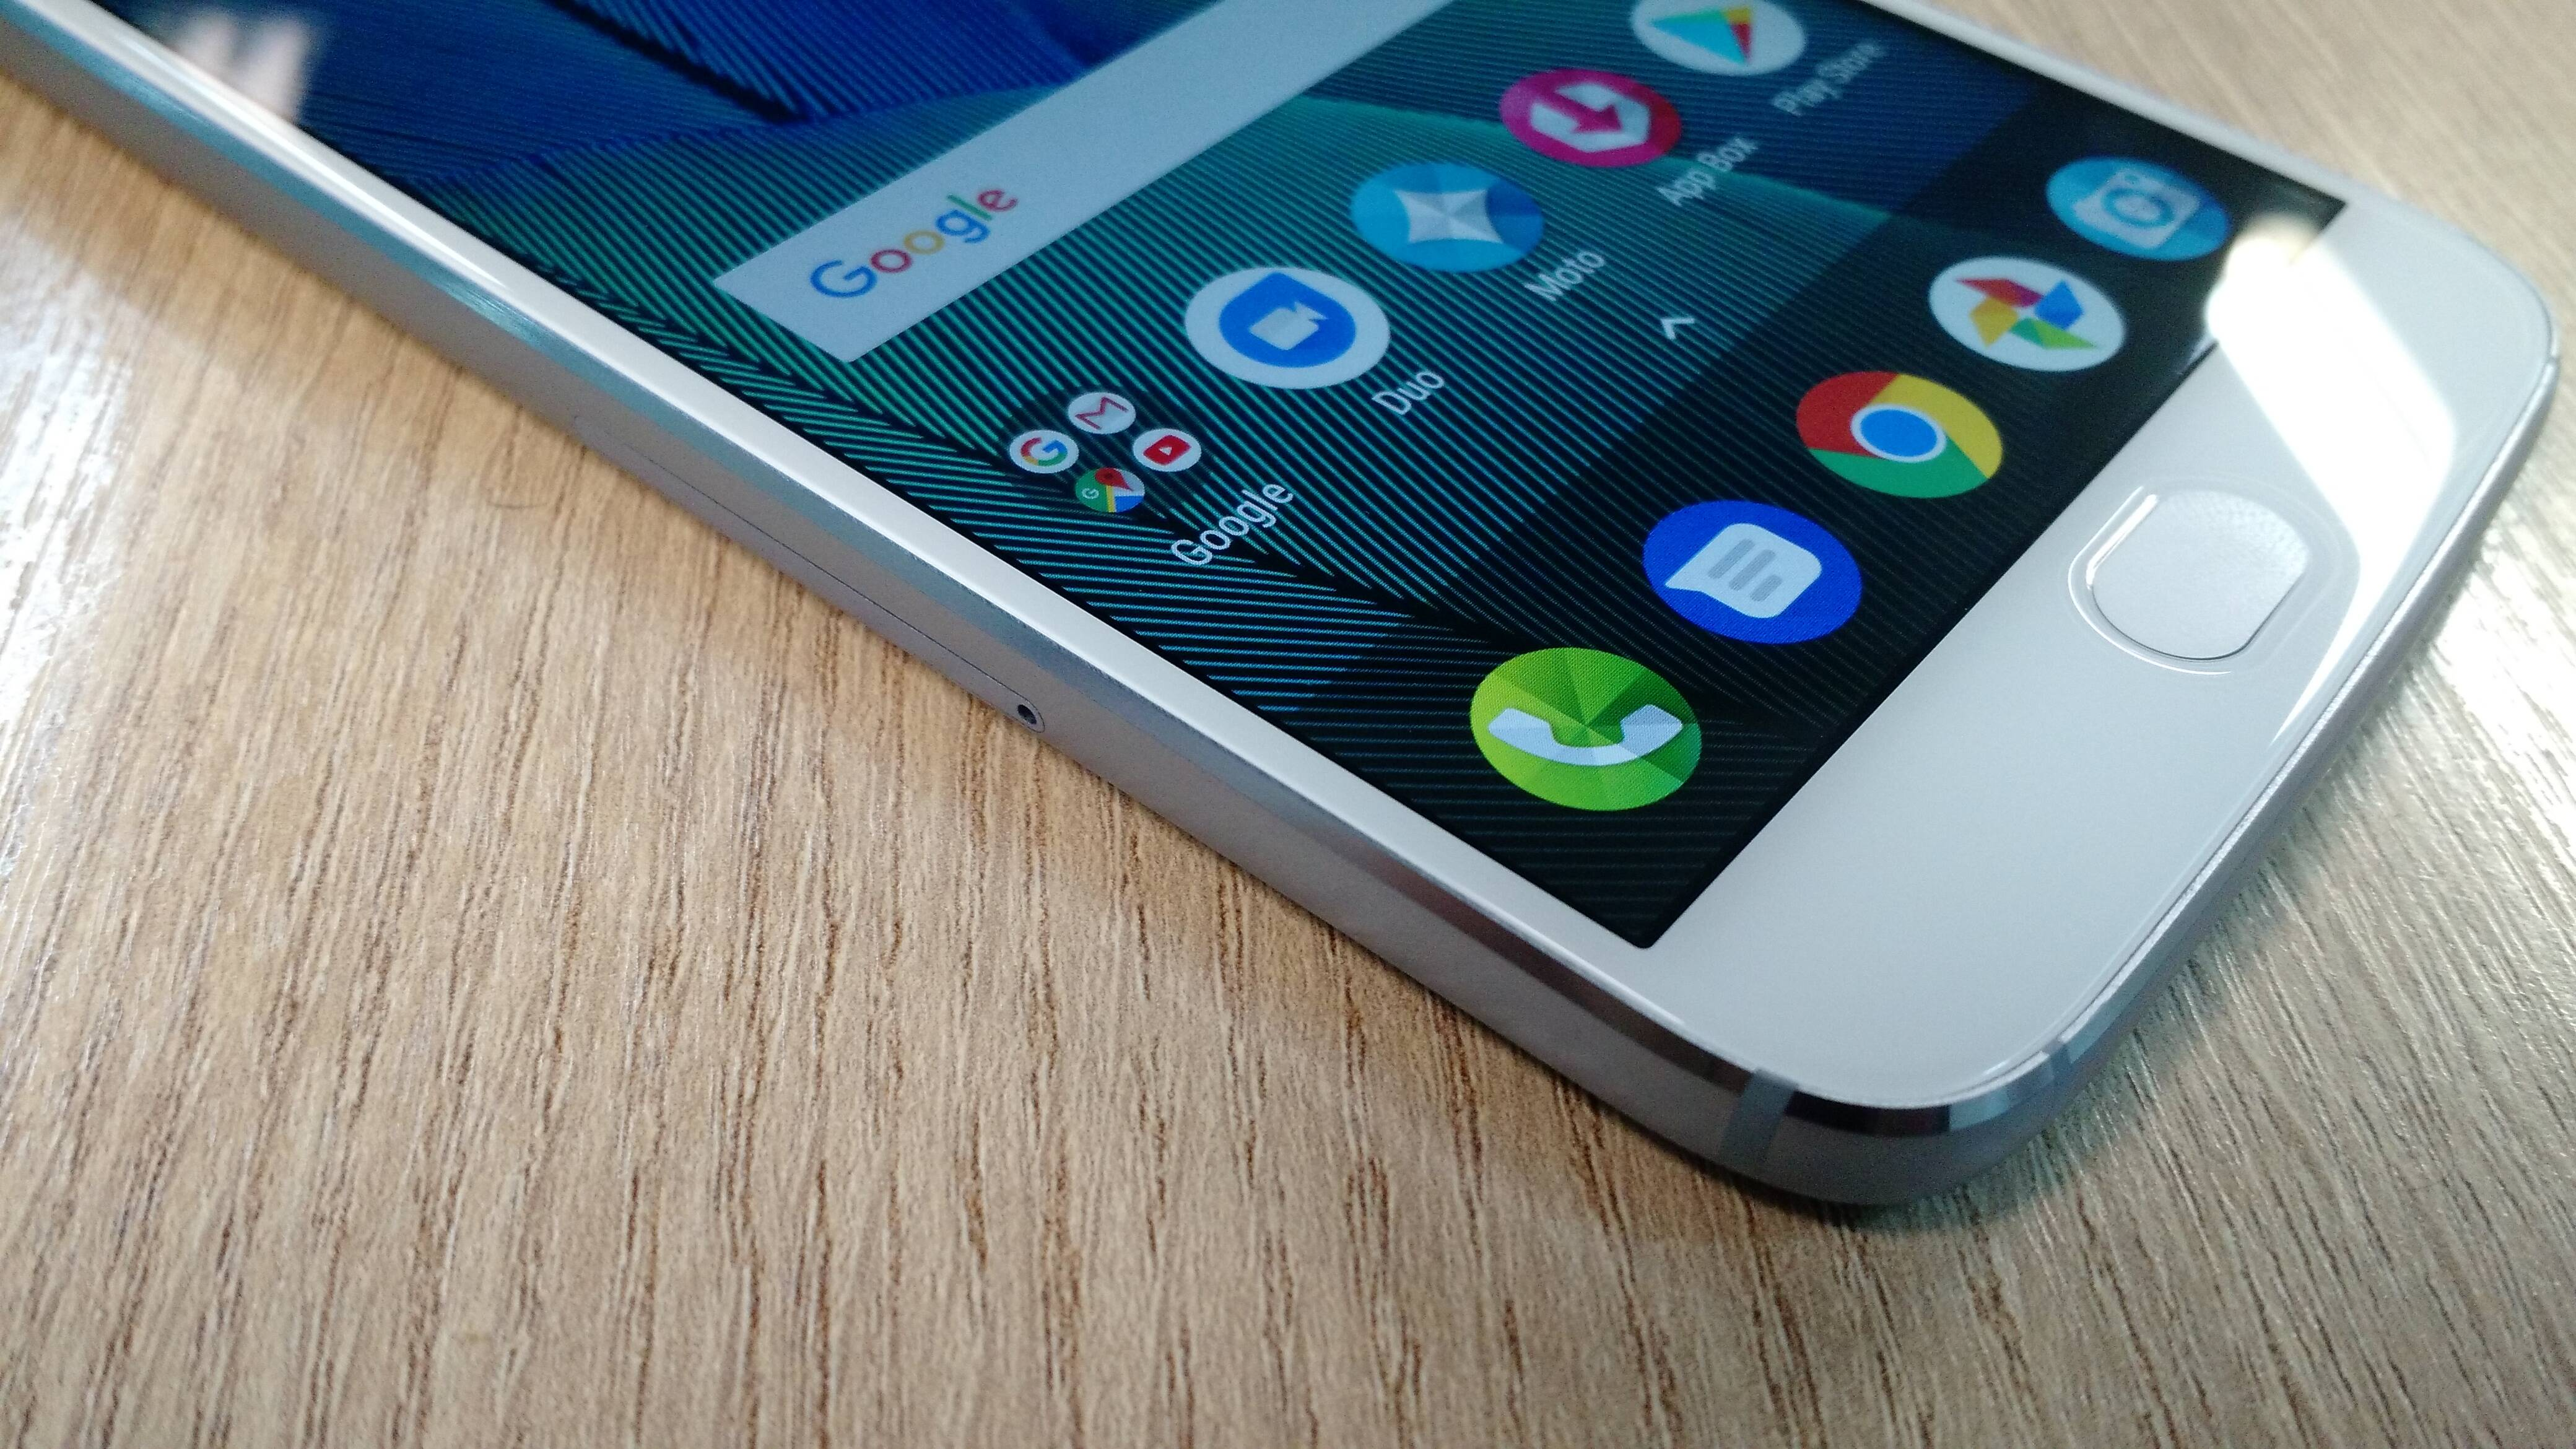 Moto G5S Plus conta com leitor de impressão digital para desbloquear o sistema. Foto: Victor Hugo Silva/Brasil Econômico